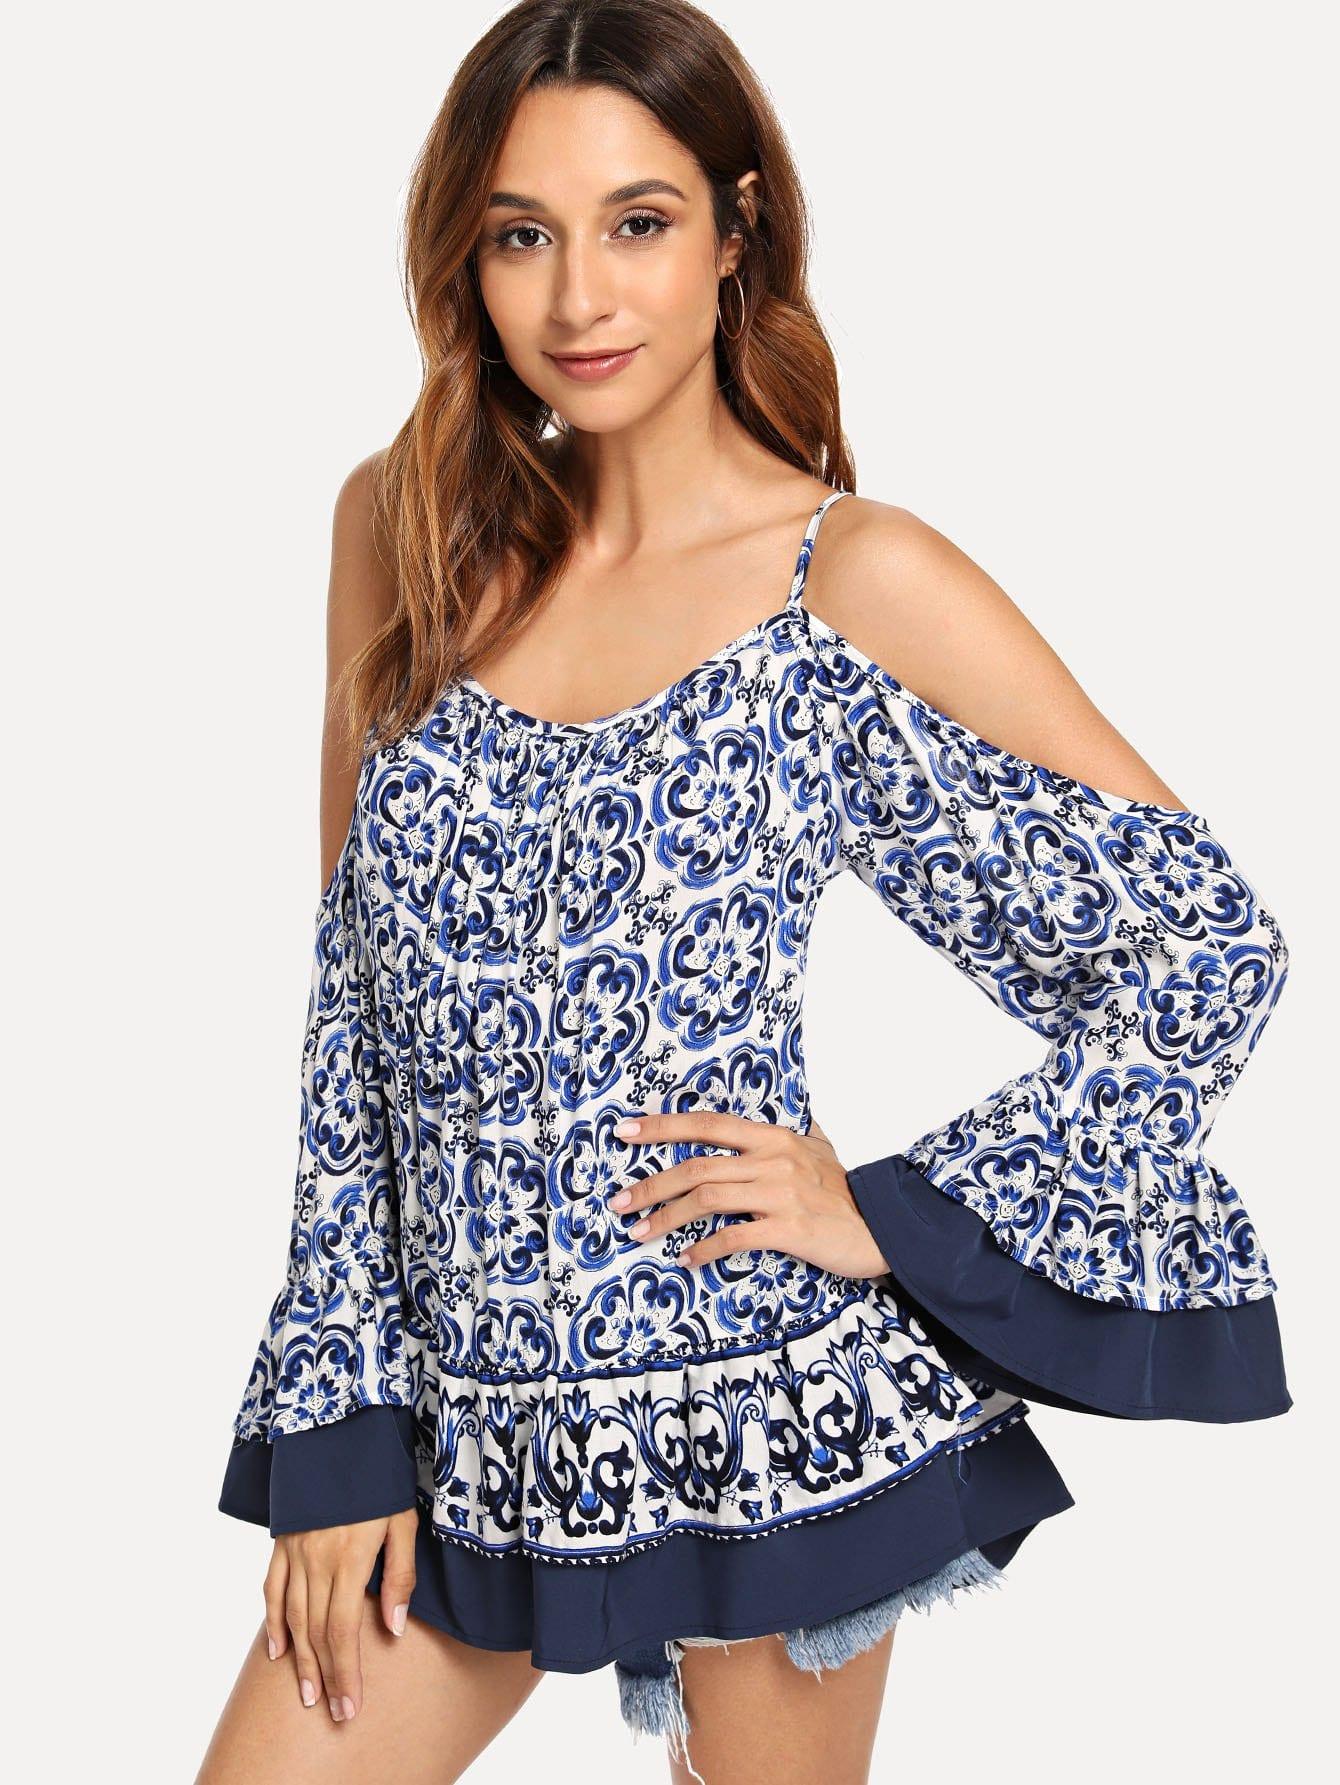 Купить Рубашка без бретелек и с кружевными оборками, Gabi B, SheIn